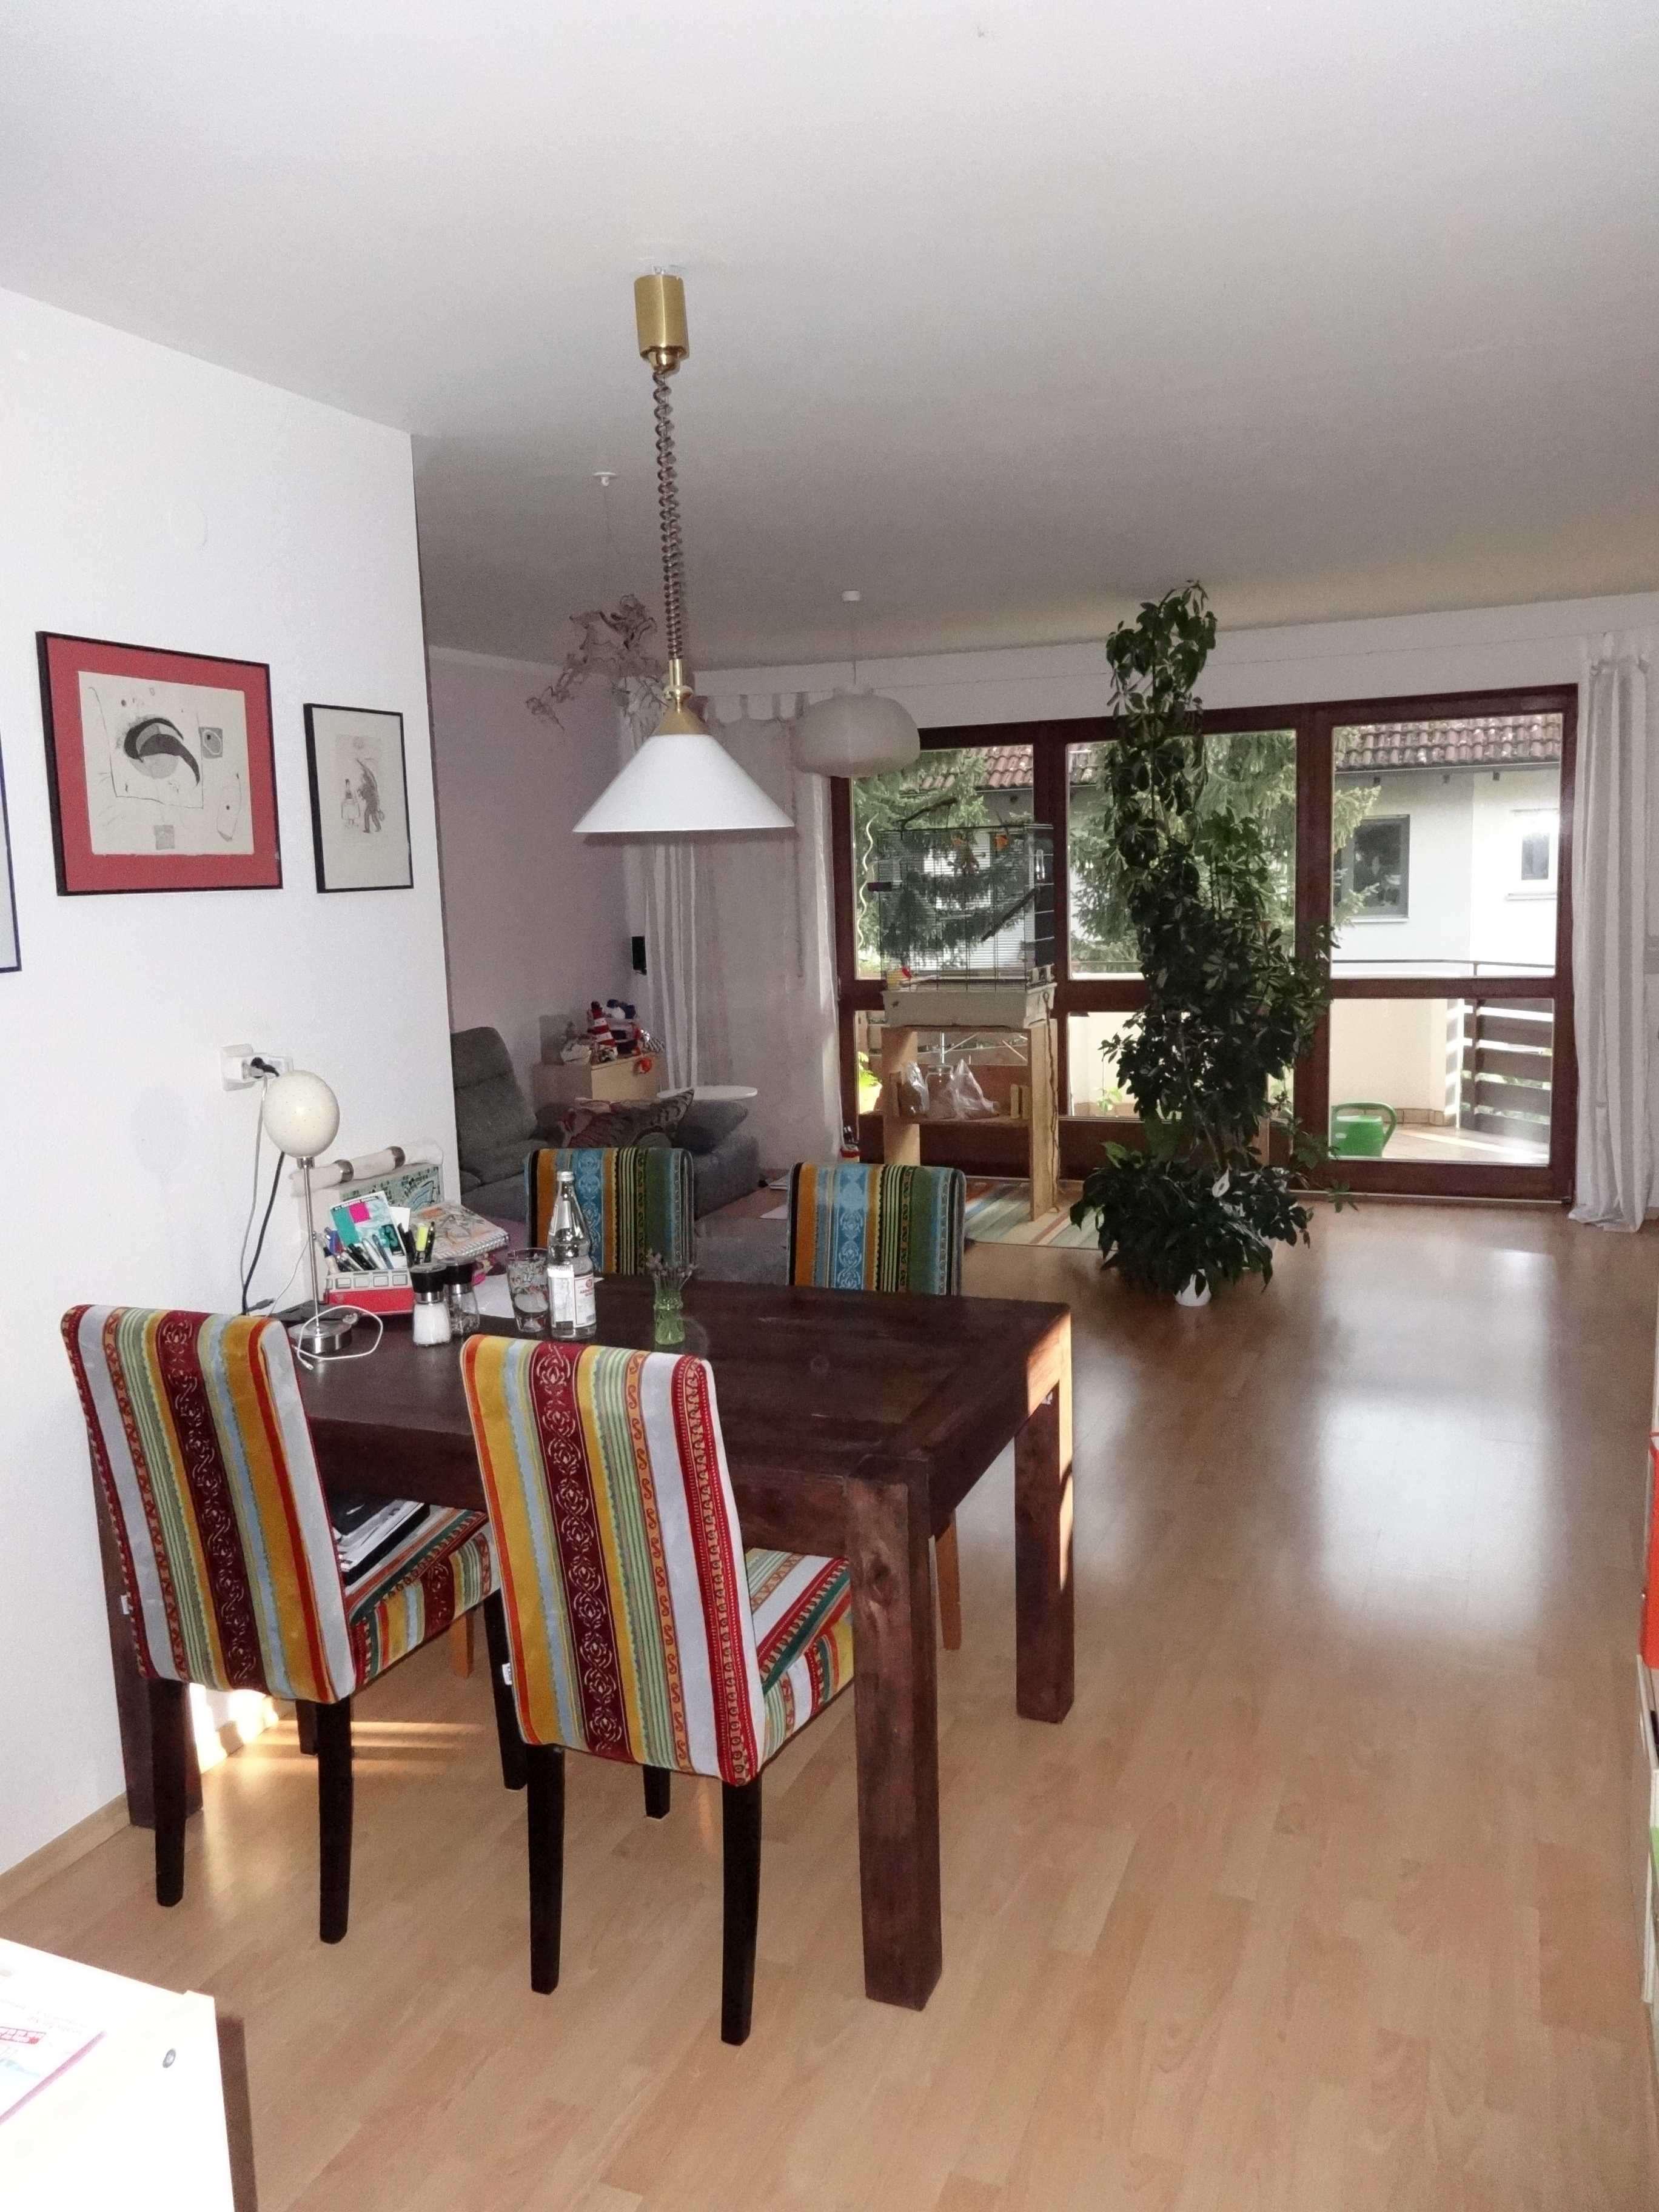 Schöne, geräumige 3 Zimmerwohnung im beliebten Monikaviertel in Südost (Ingolstadt)